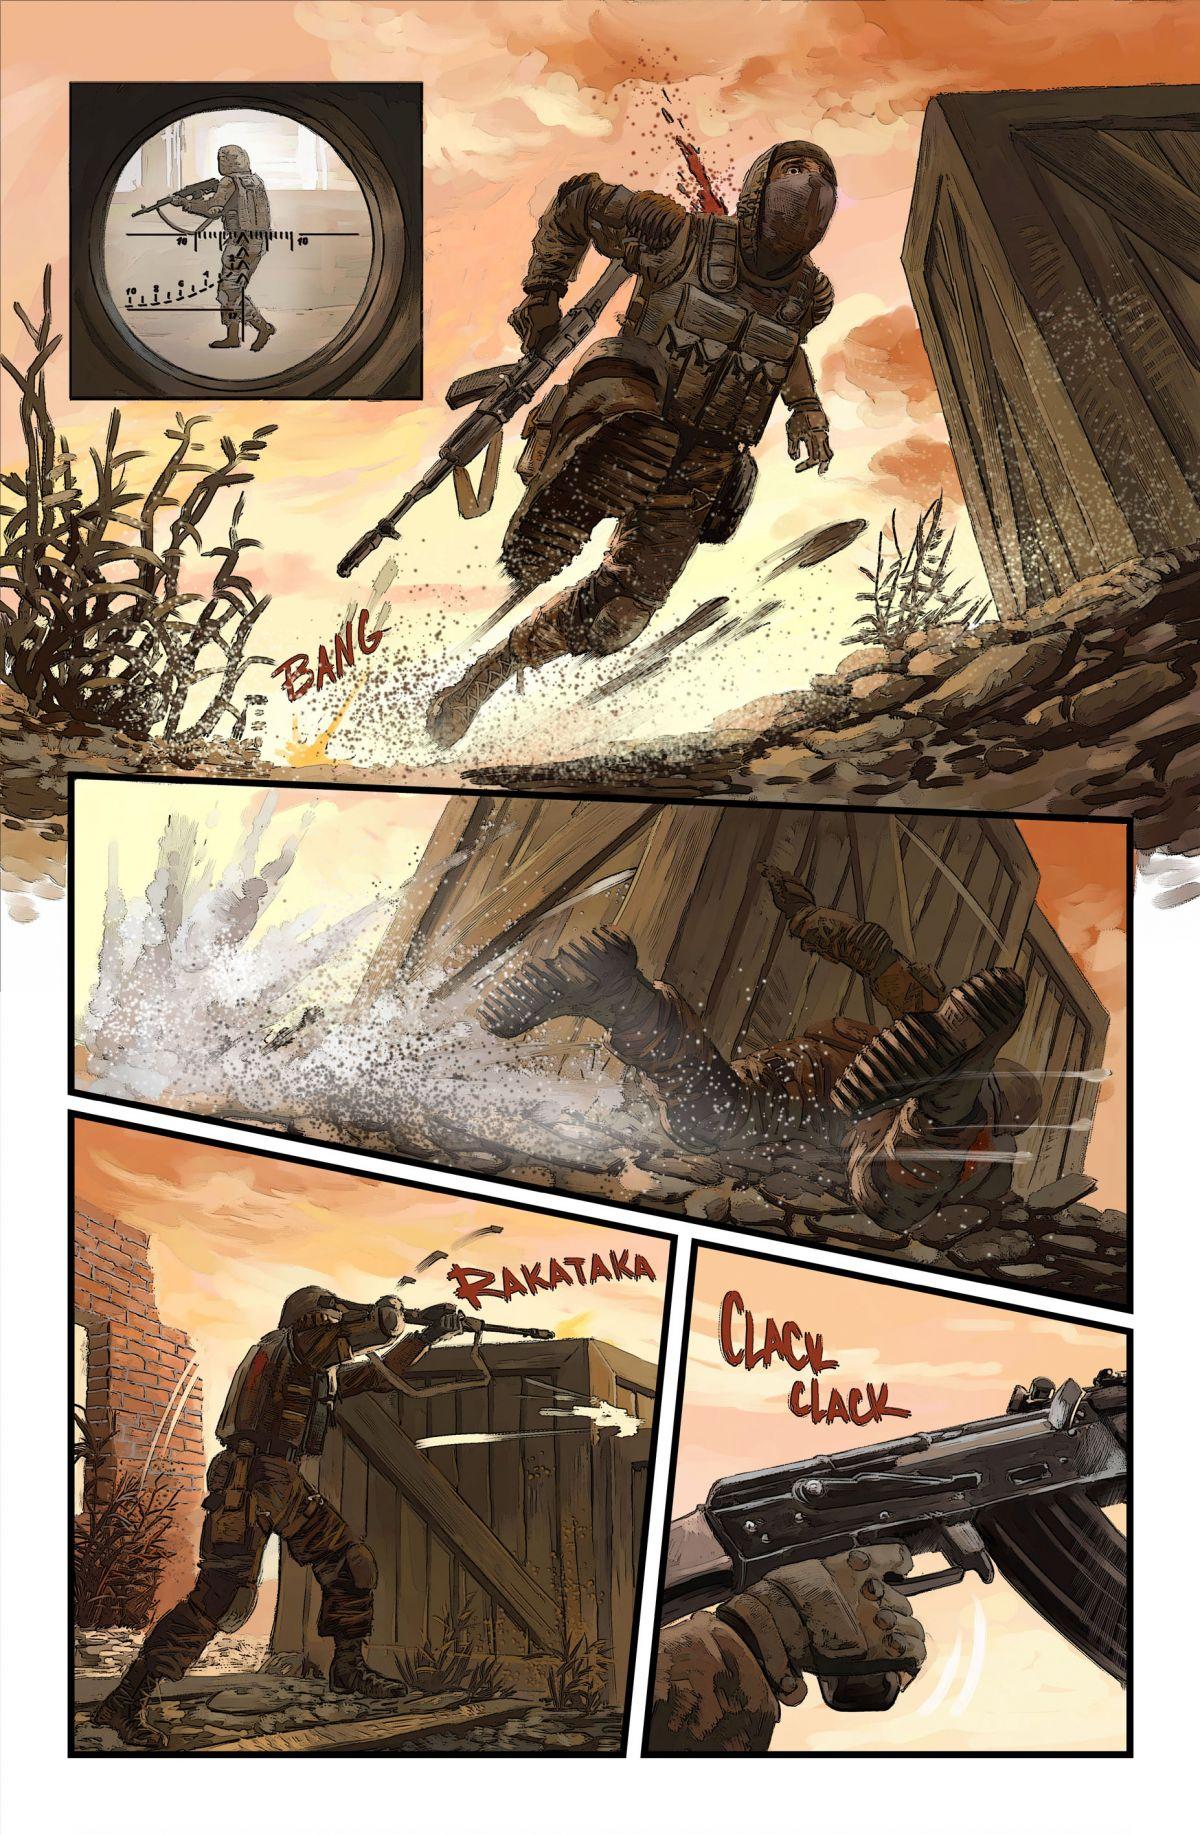 [CONCOURS BD] : Un des gagnants , apprécié ! ^^ Stalker_comics__duel__page_1__by_tassadarh-d32cek6